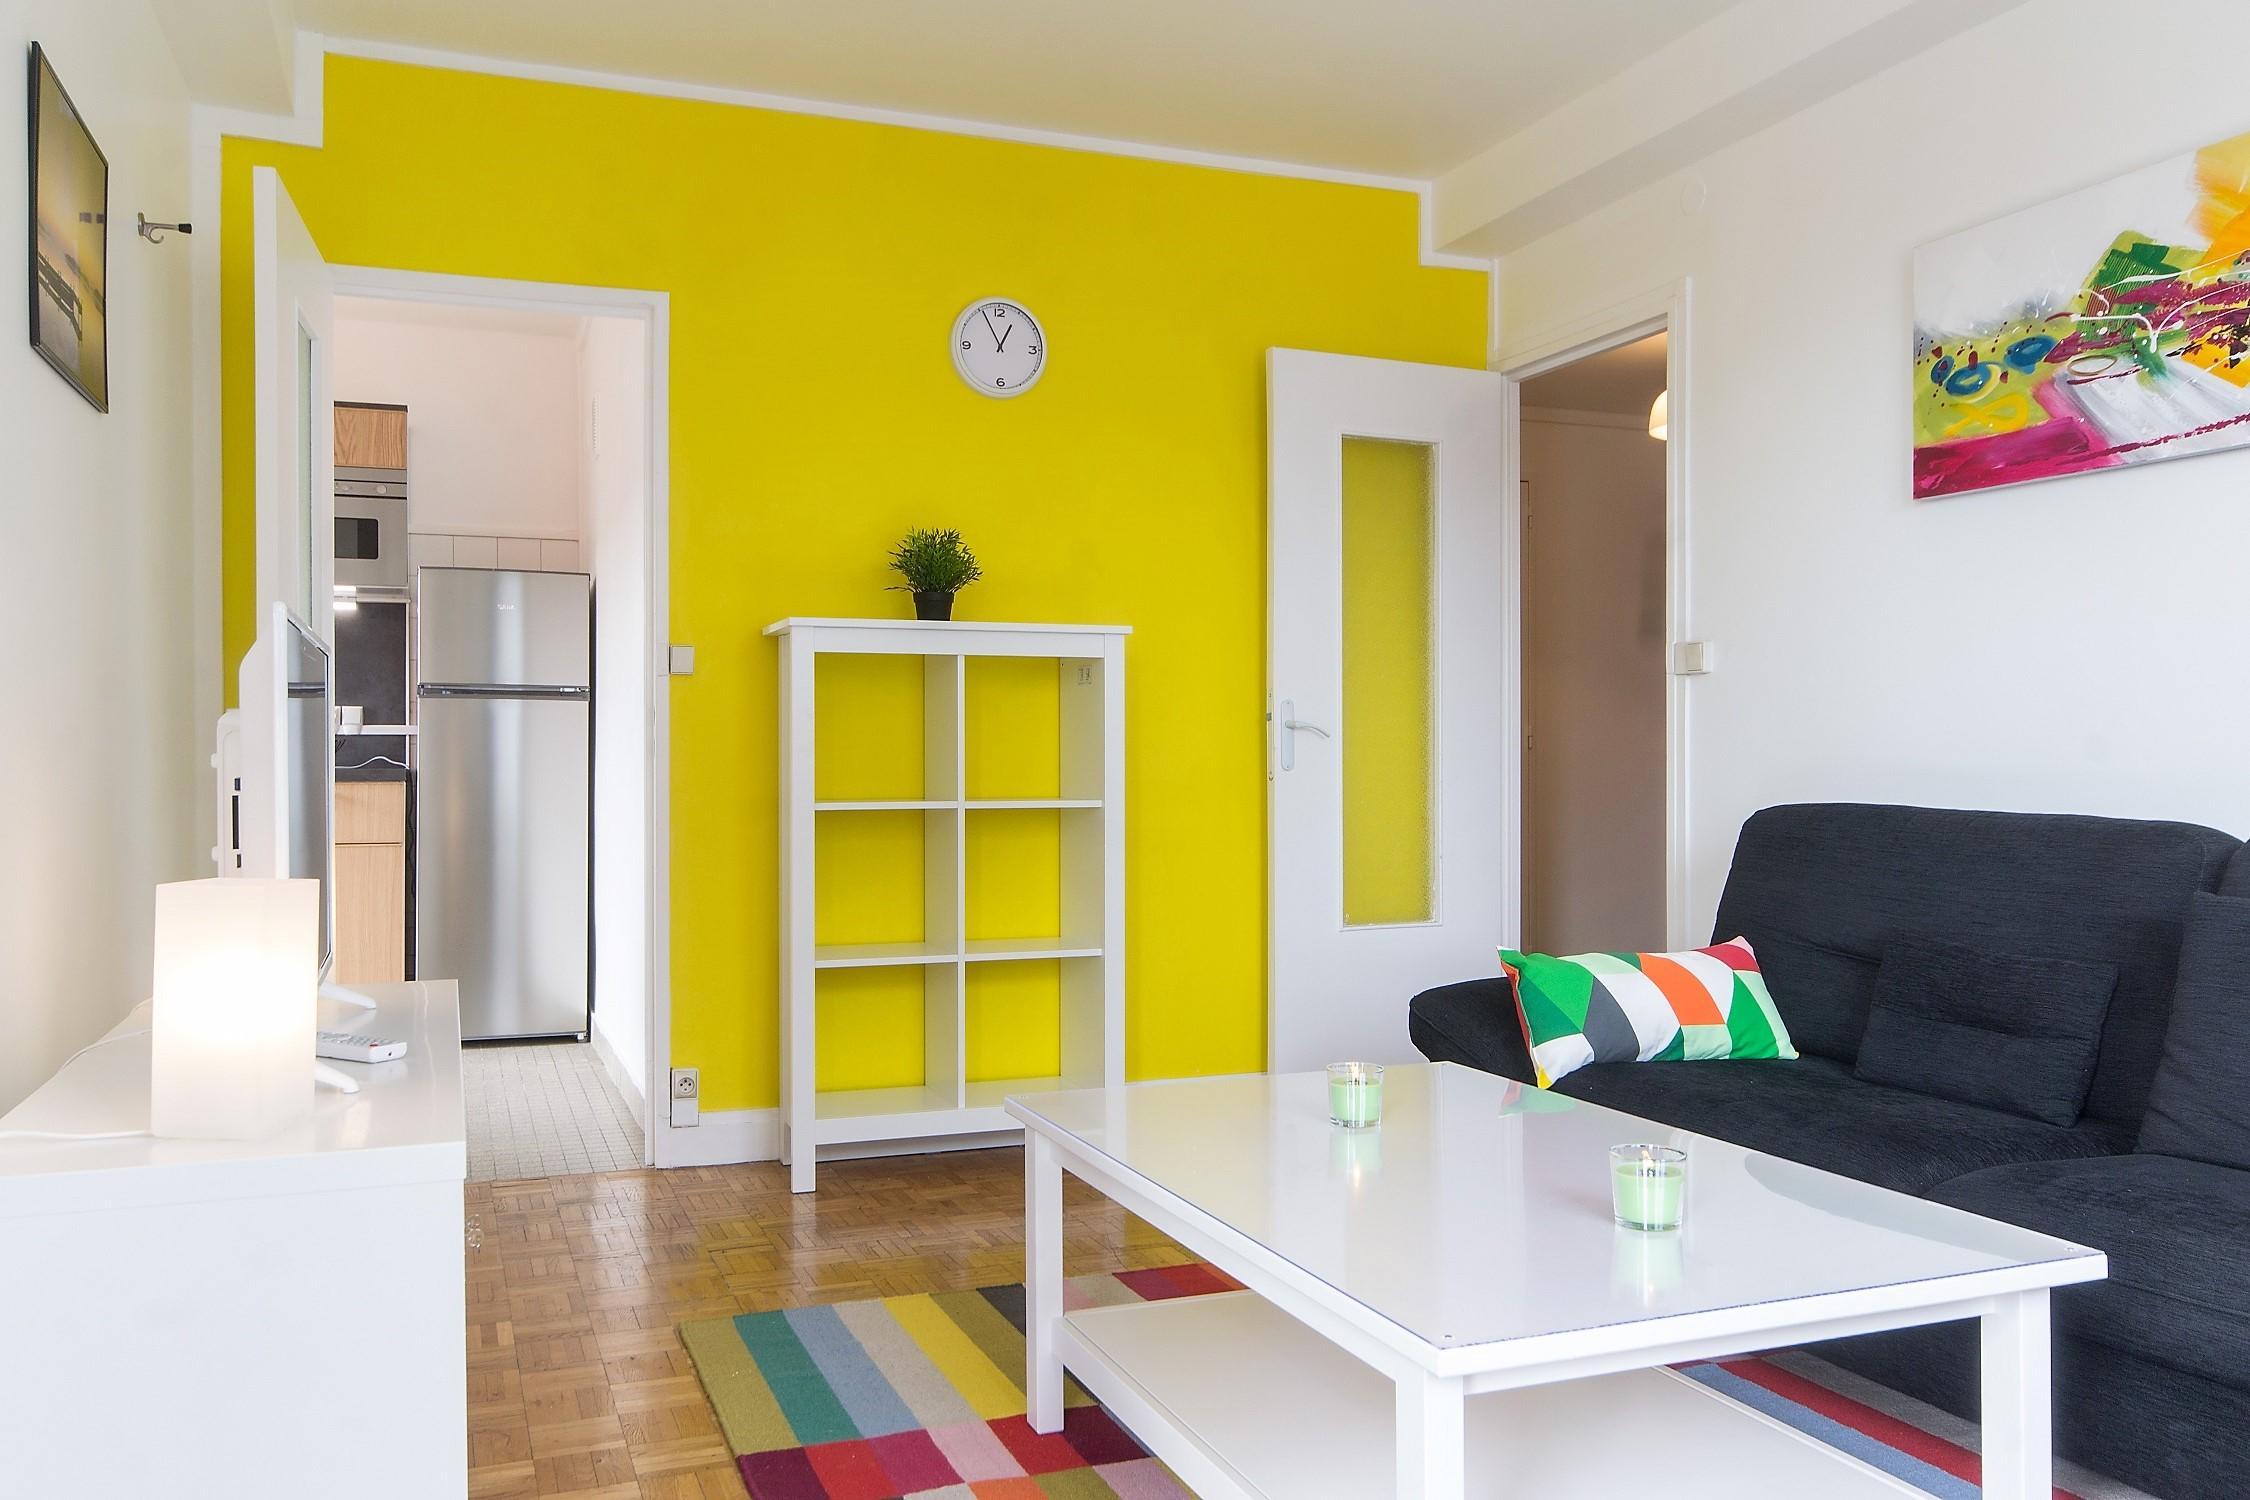 Как расставить мебель в однокомнатной квартире яркой